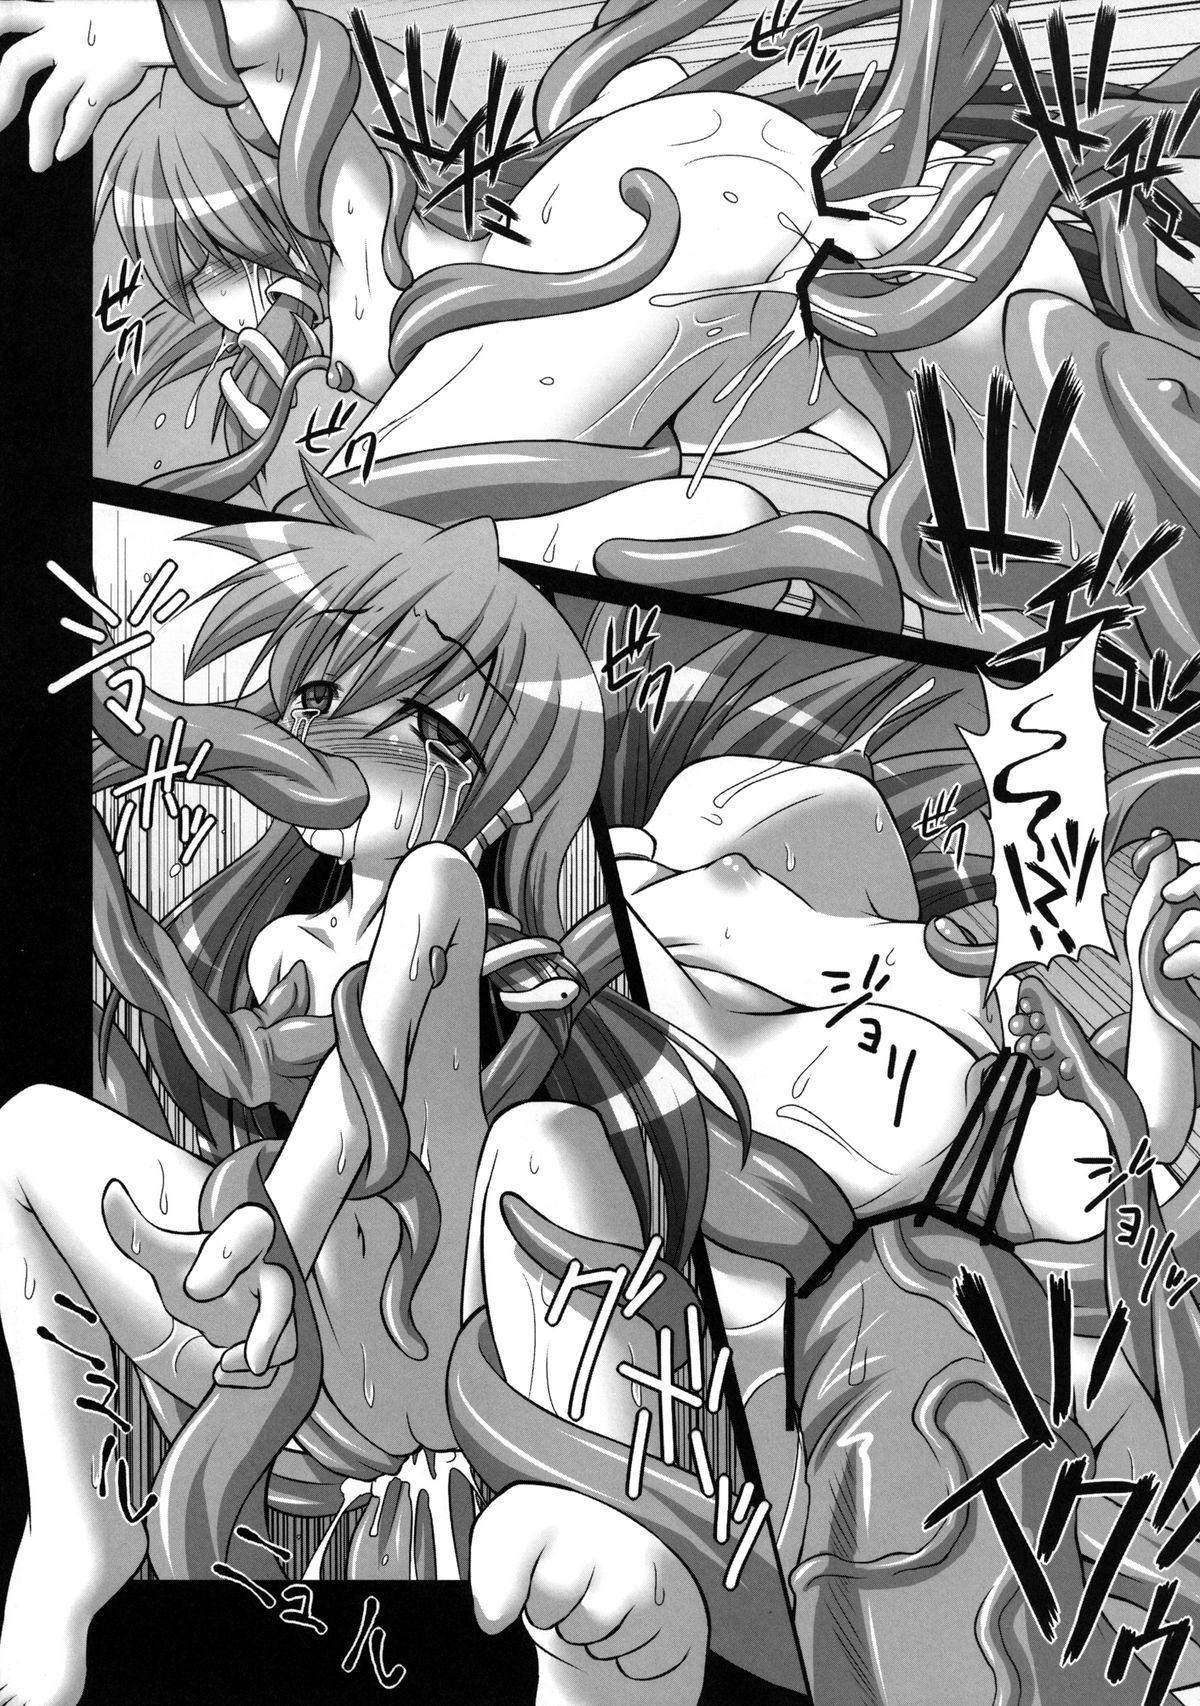 Youkai ni Haramasareta Sanae-san wo Hitasura Shokushu de Naburi Mawasu Moriya Jinja 21